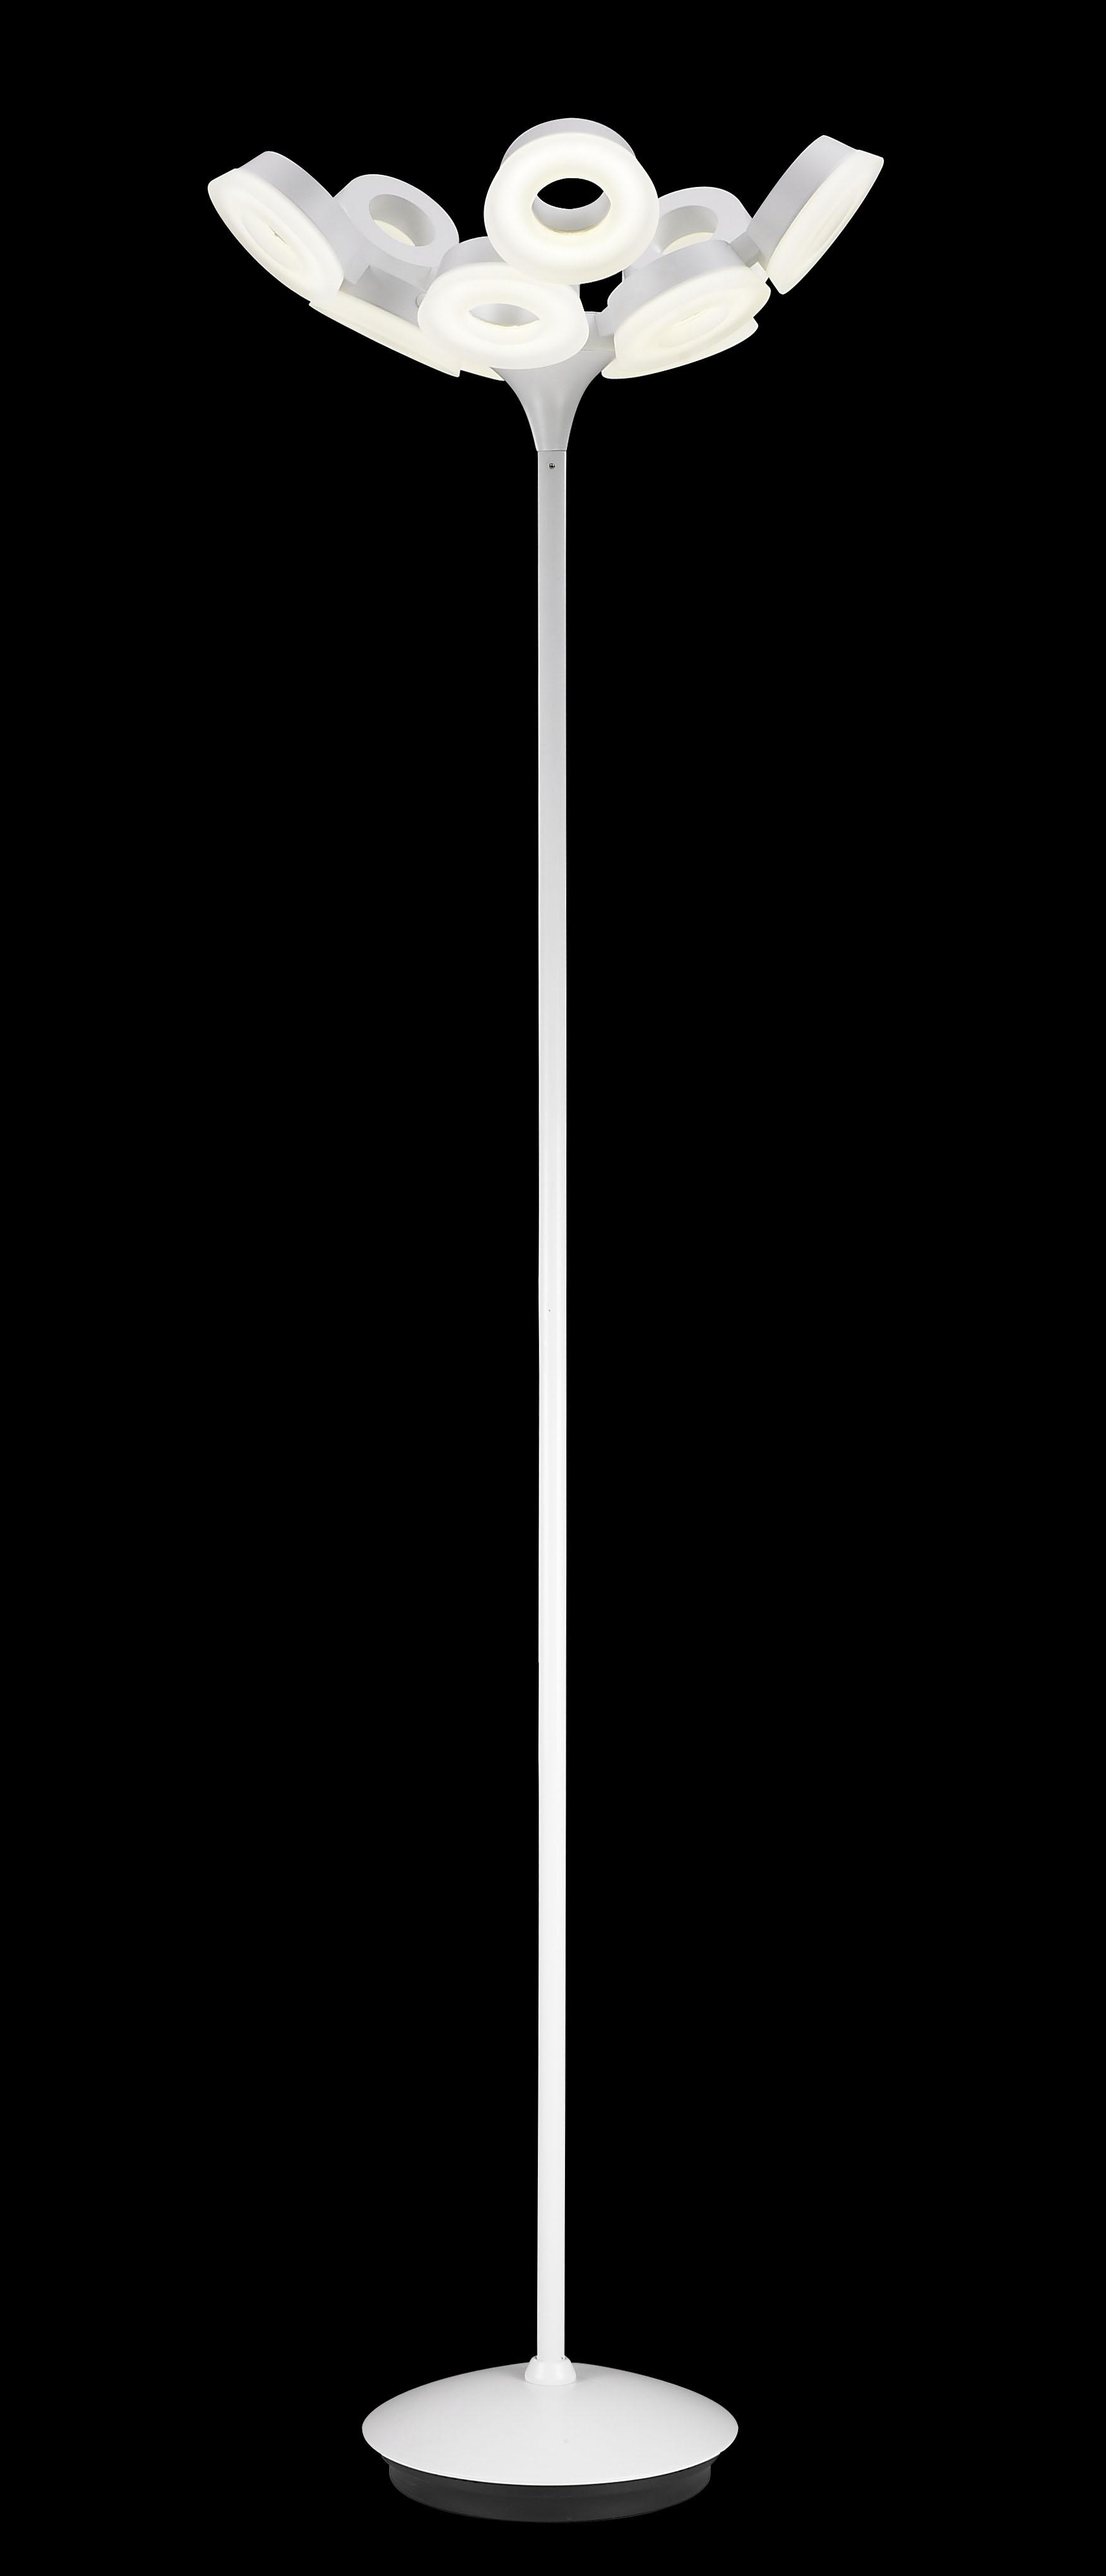 ML2601/10 永俊利灯饰